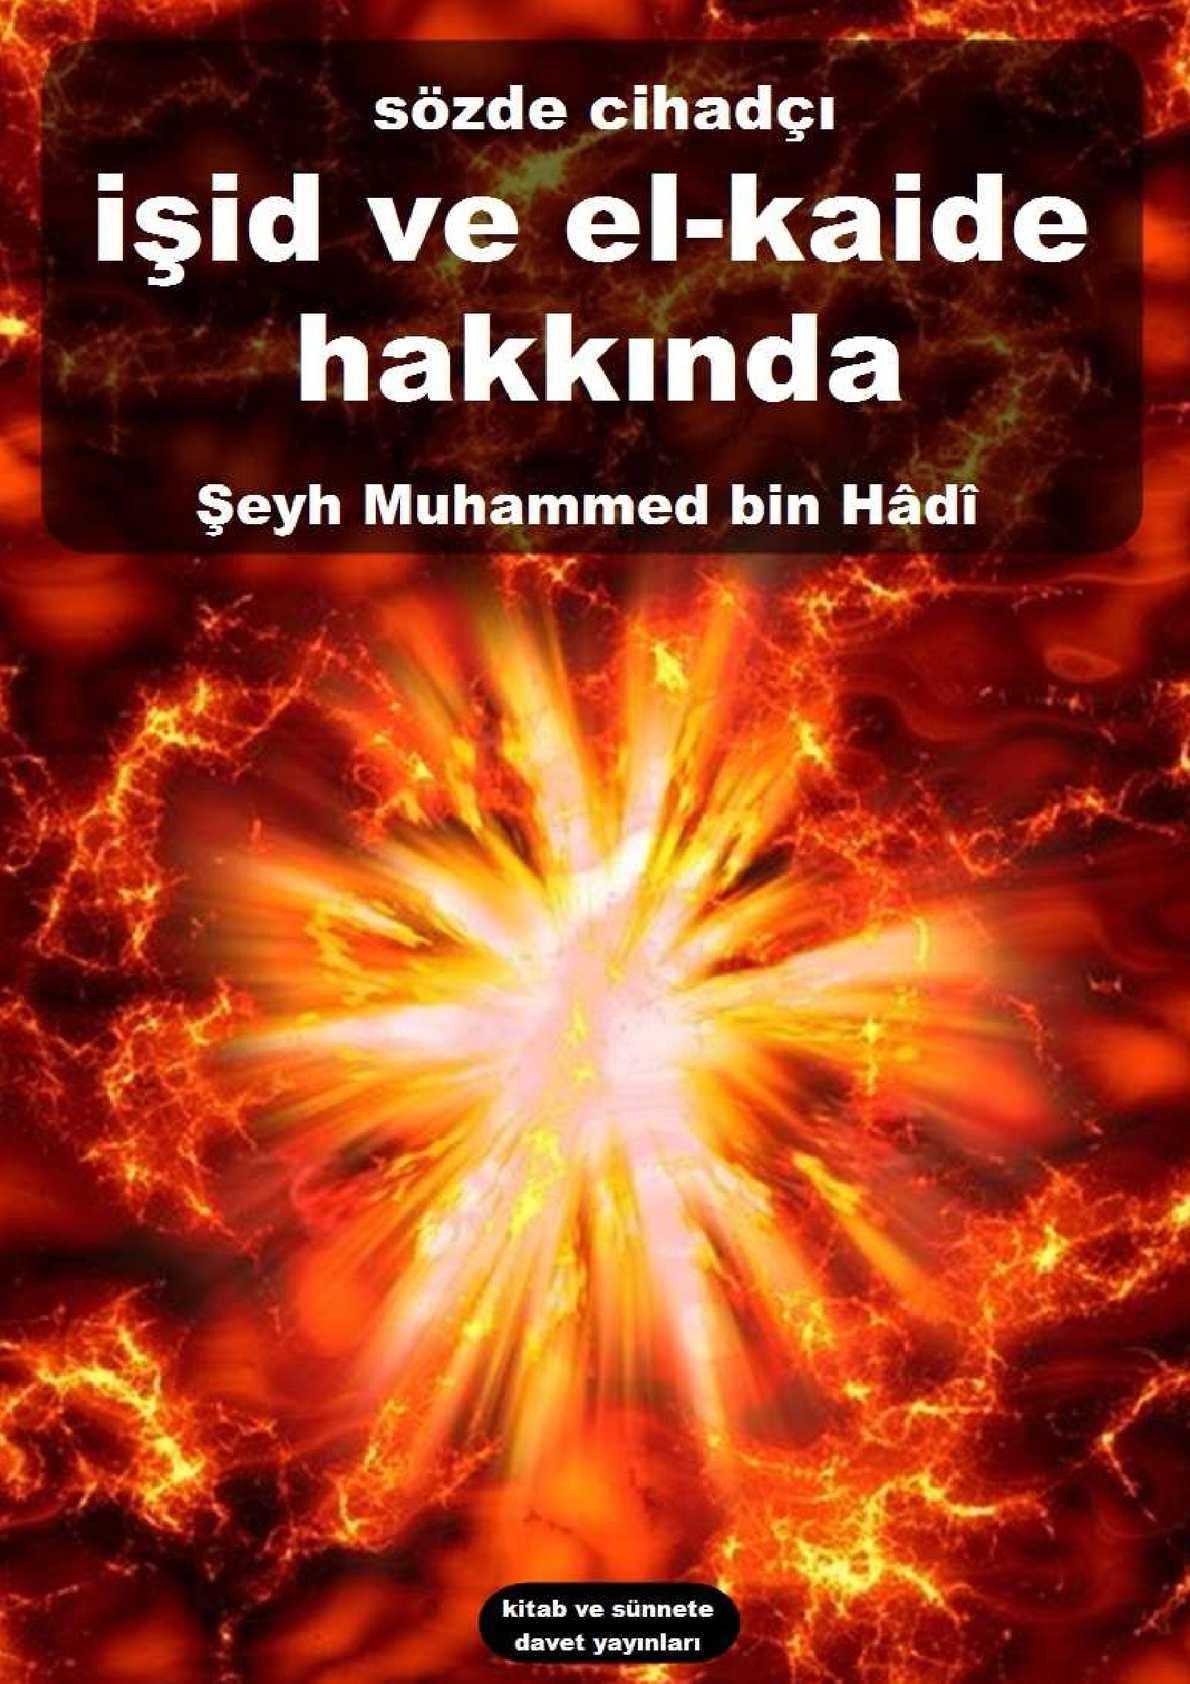 IŞİD ve el-KAİDE HAKKINDA